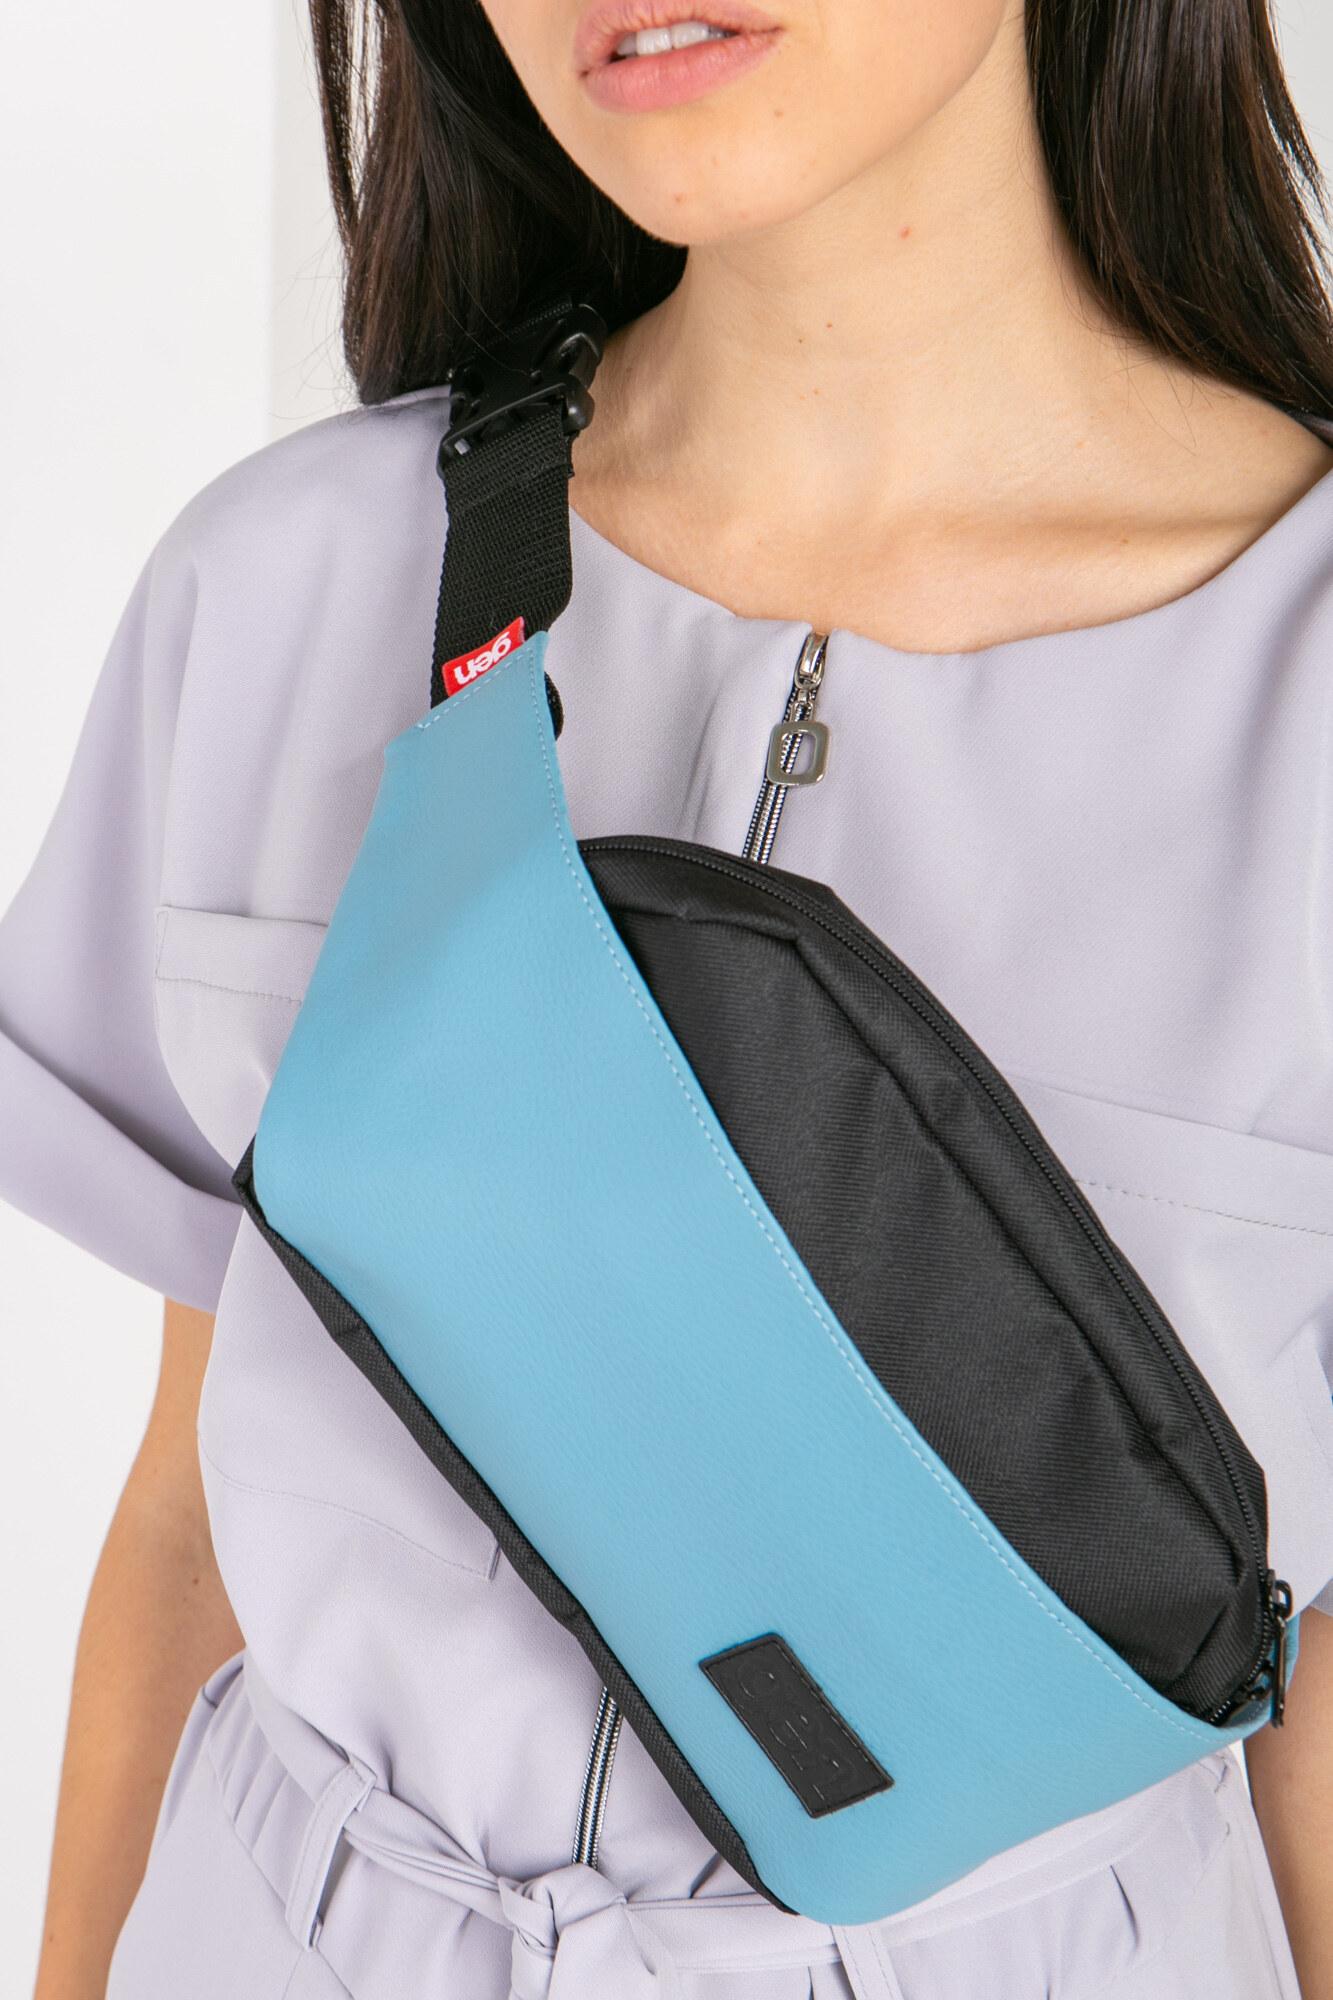 Прямоугольная сумка на пояс бананка голубого цвета на одно отделение